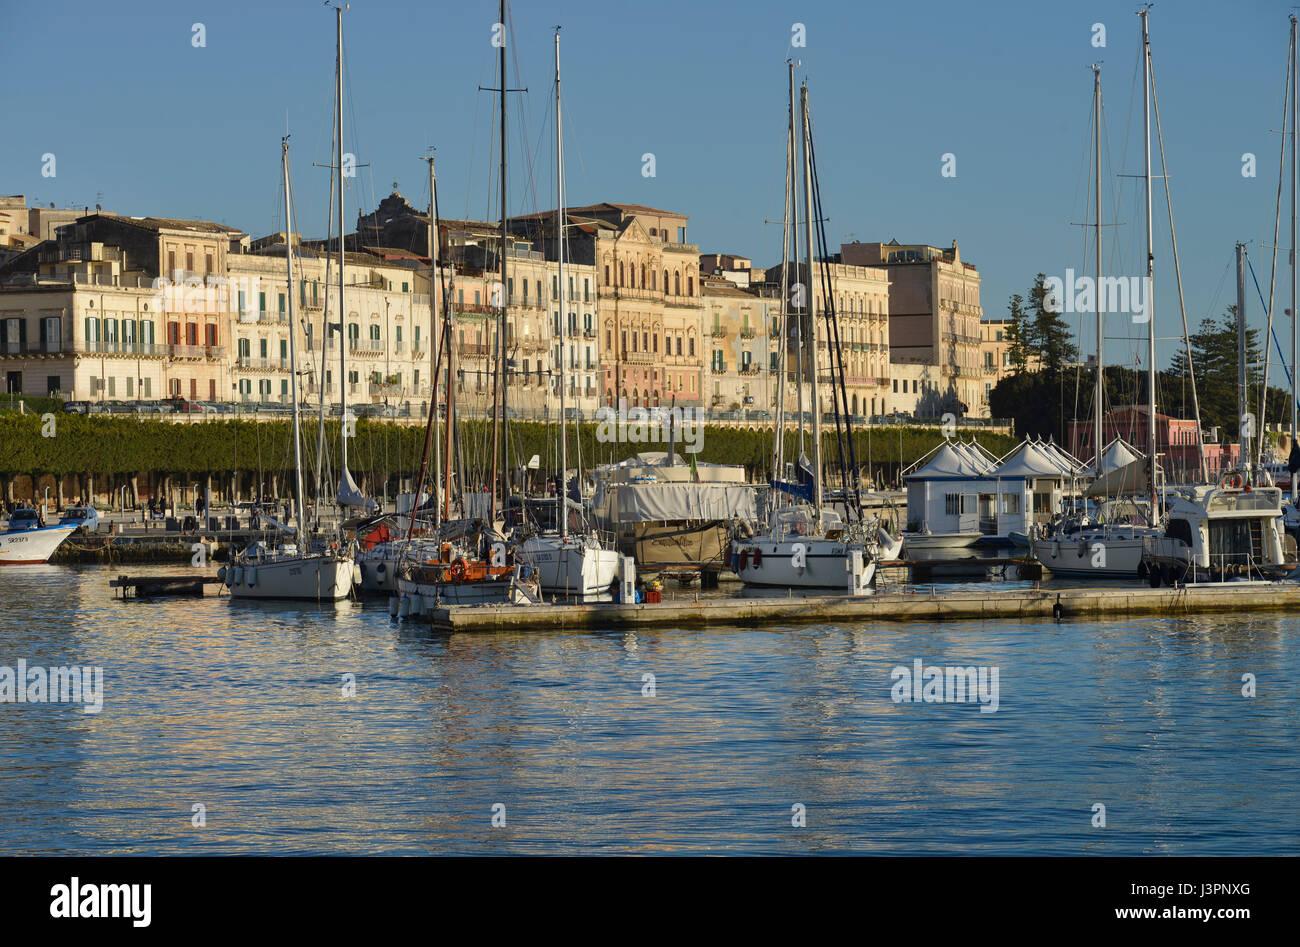 Hafen, Ortigia, Syrakus, Sizilien, Italien Stock Photo ...